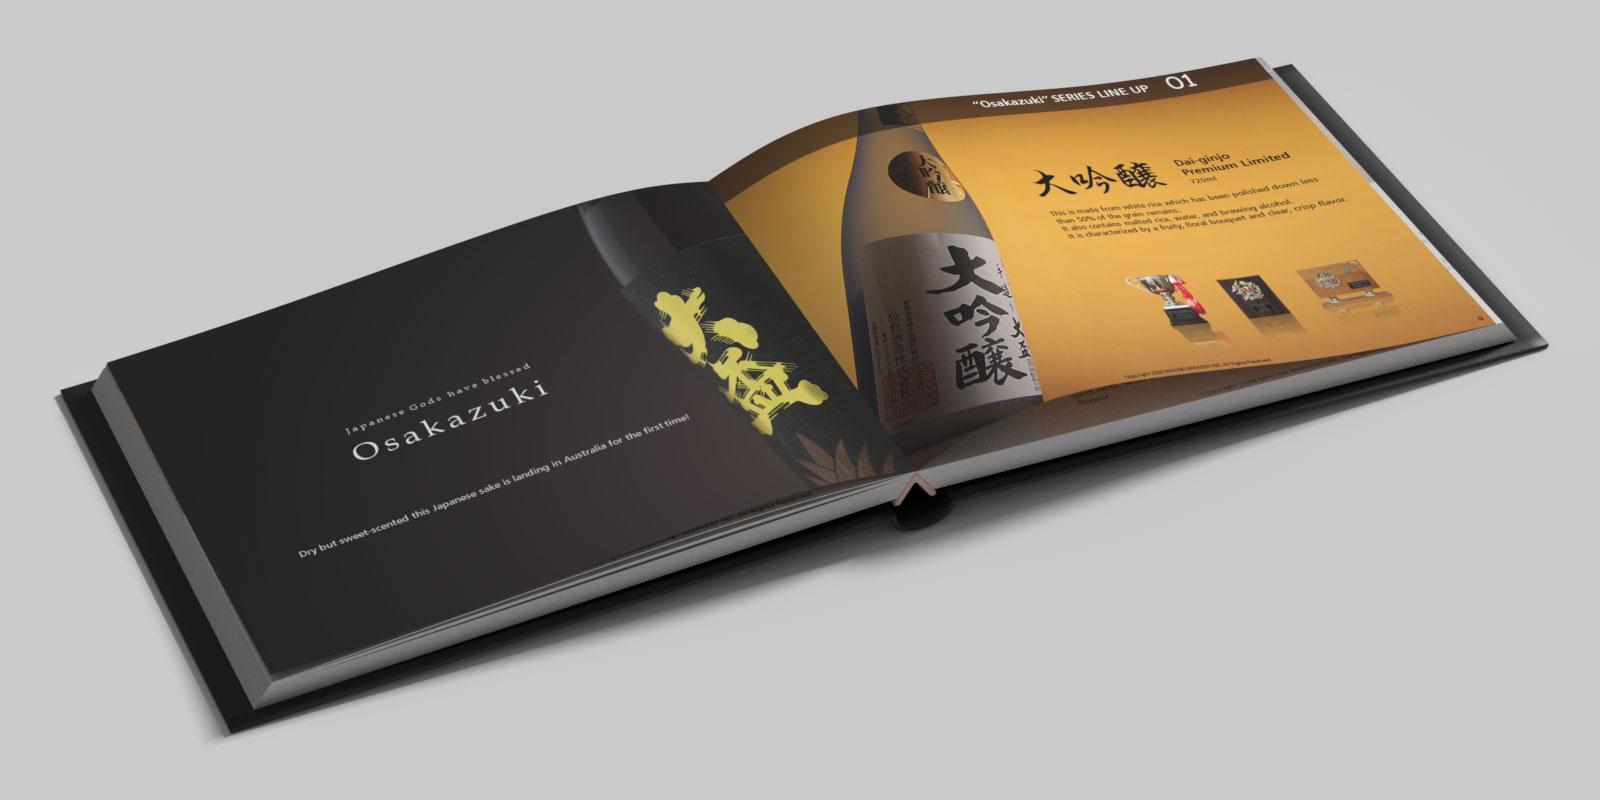 酒造メーカー 海外用プレゼン資料デザイン(群馬県高崎市・日本酒蔵元)